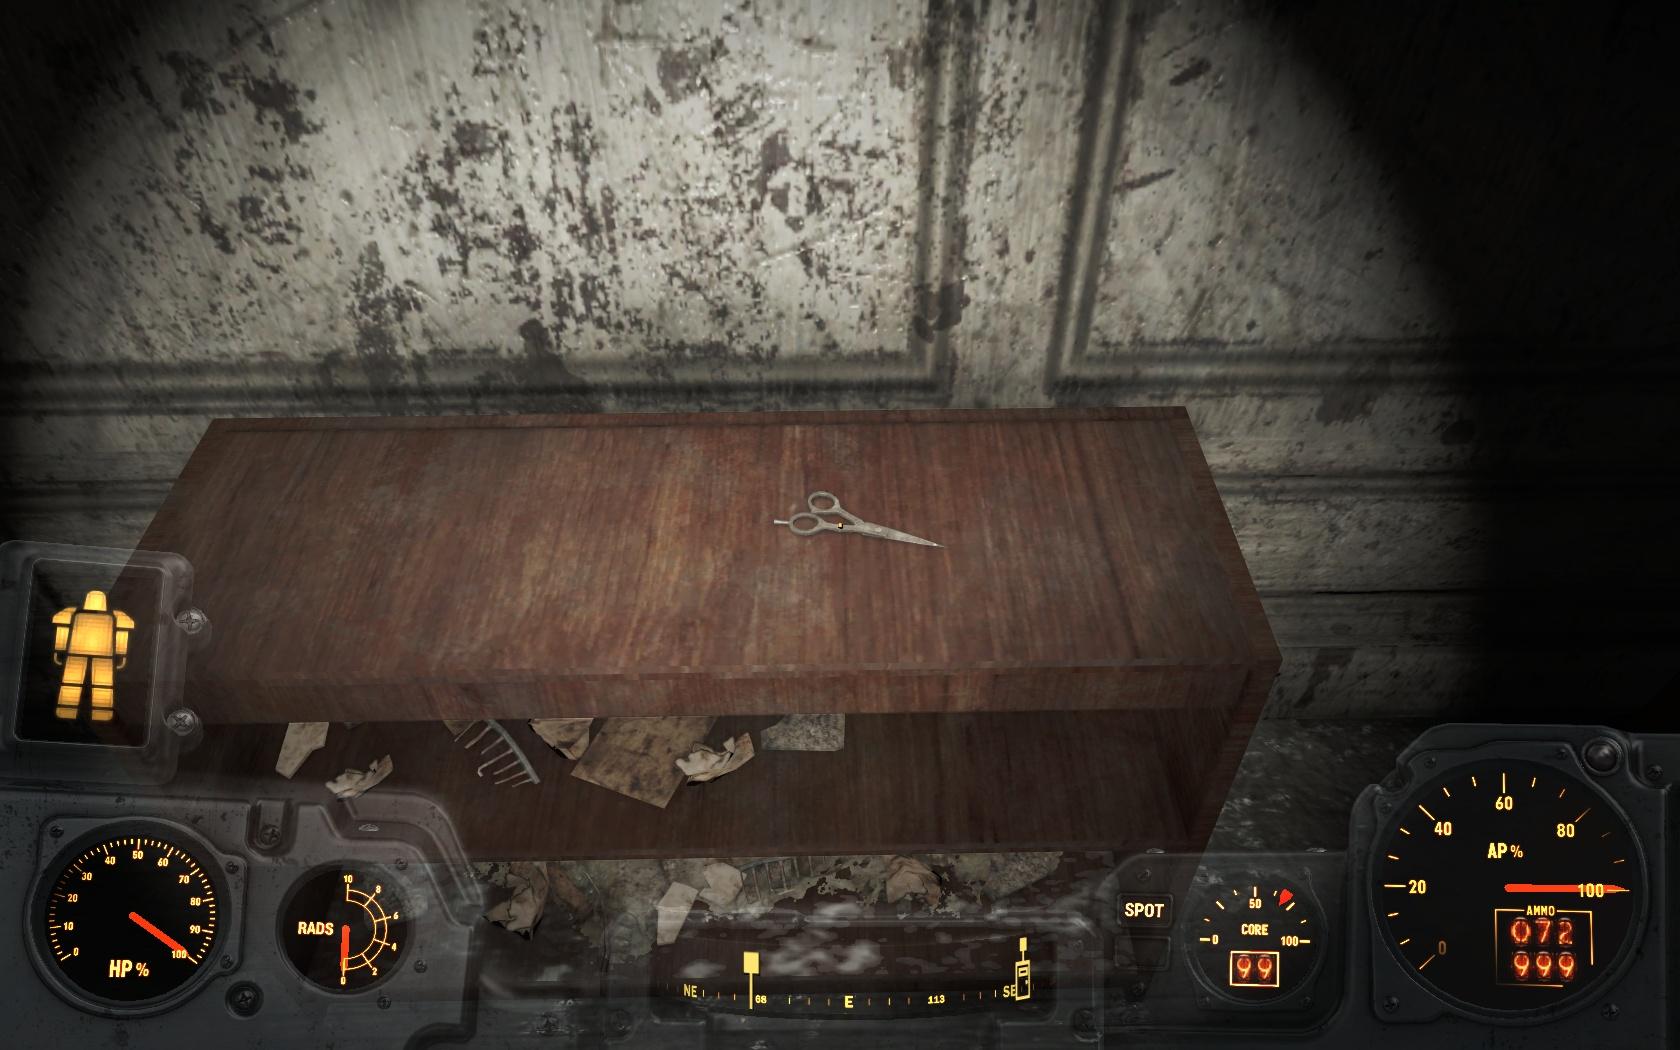 Недоступные ножницы (Психиатрическая больница Парсонс) - Fallout 4 Баг, больница, Недоступный, ножницы, Парсонс, Психиатрическая больница Парсонс